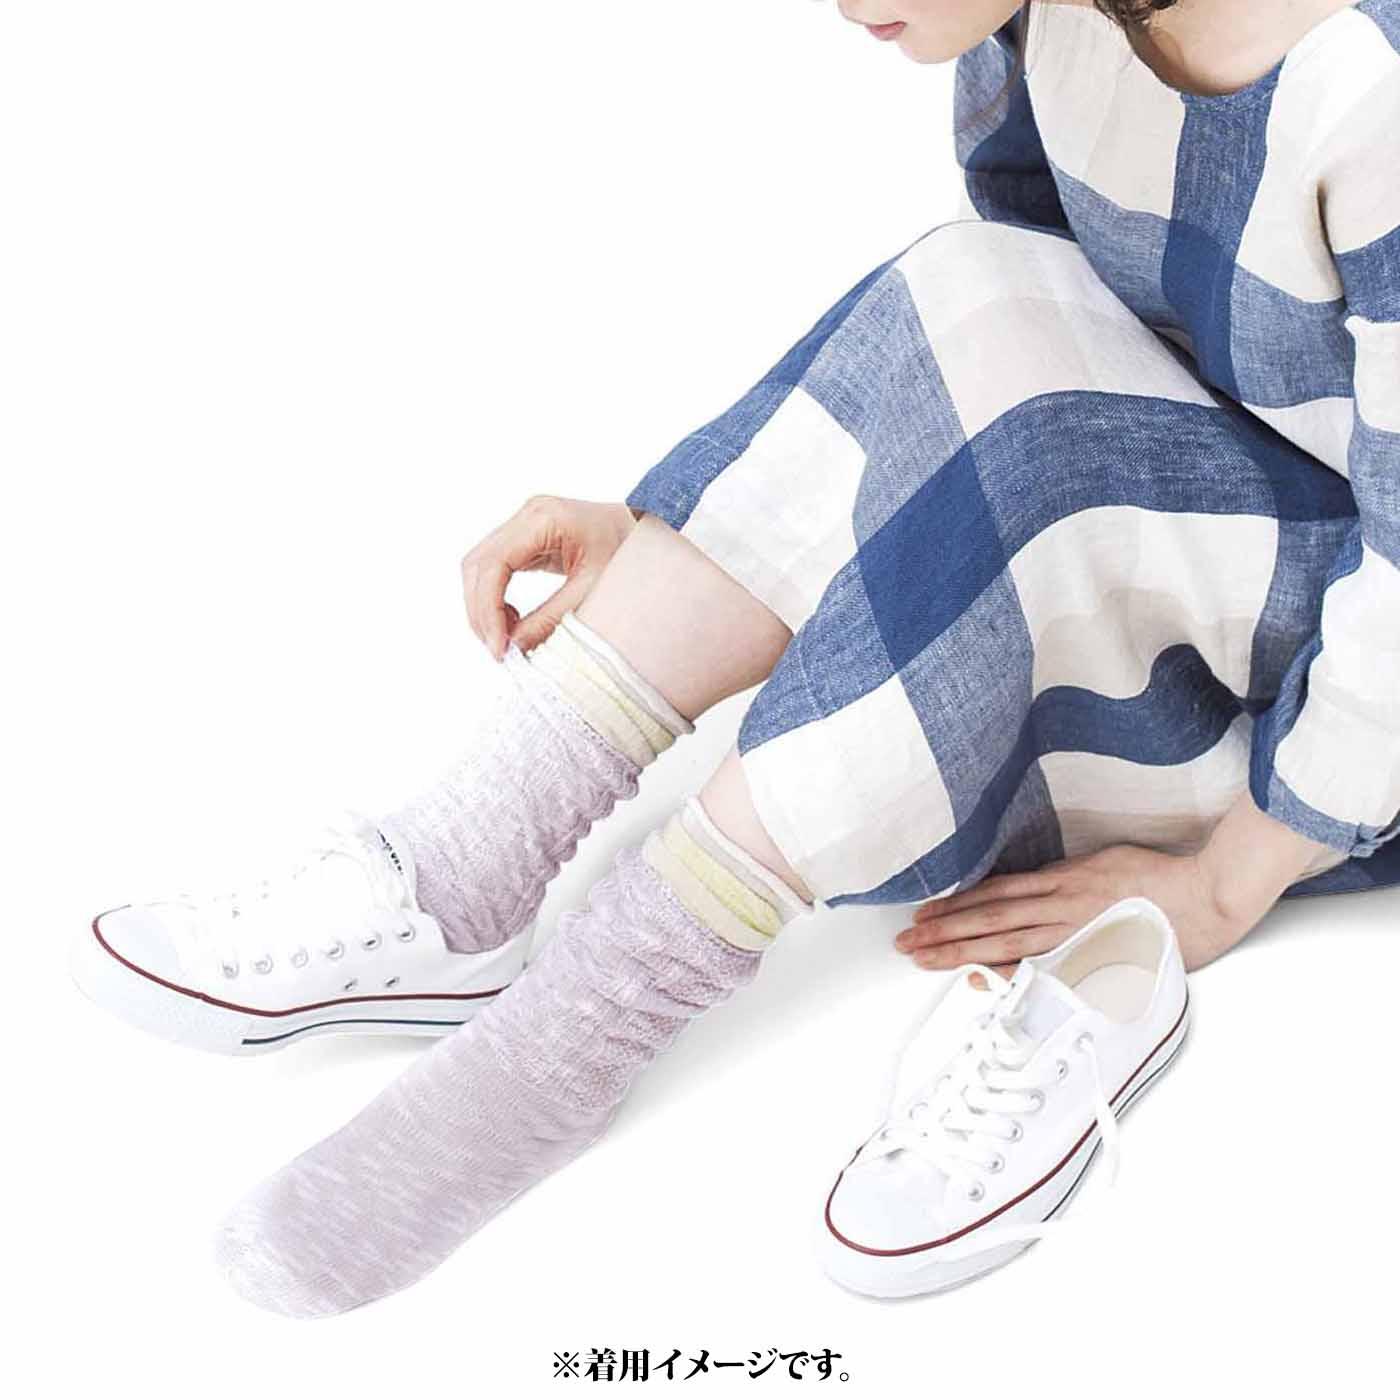 靴下を重ねばきしても、足幅を調節できるスニーカーなどに合わせて。